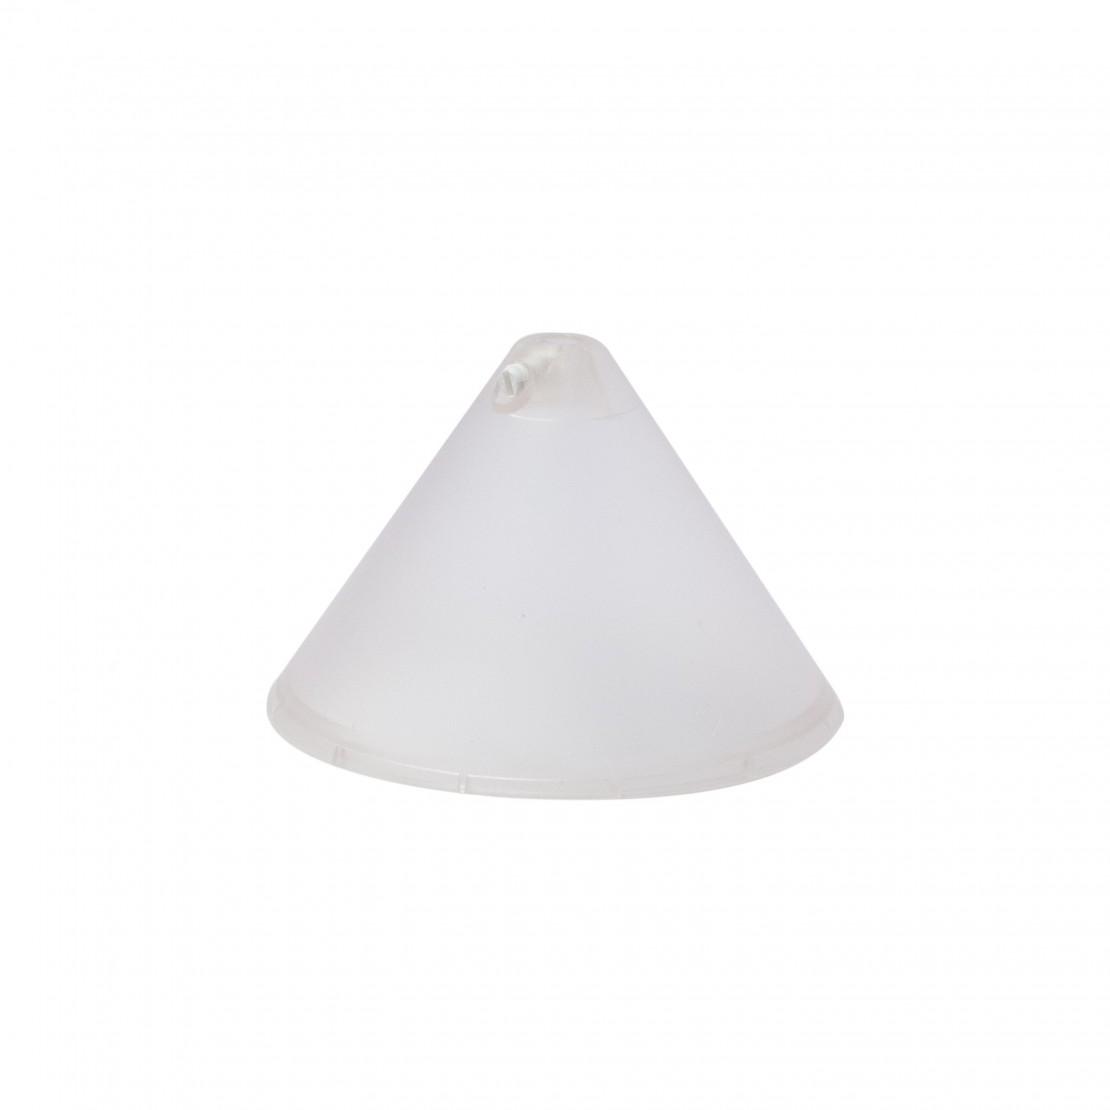 Cone-shaped ceiling rose, 106 mm dia., transparent - V